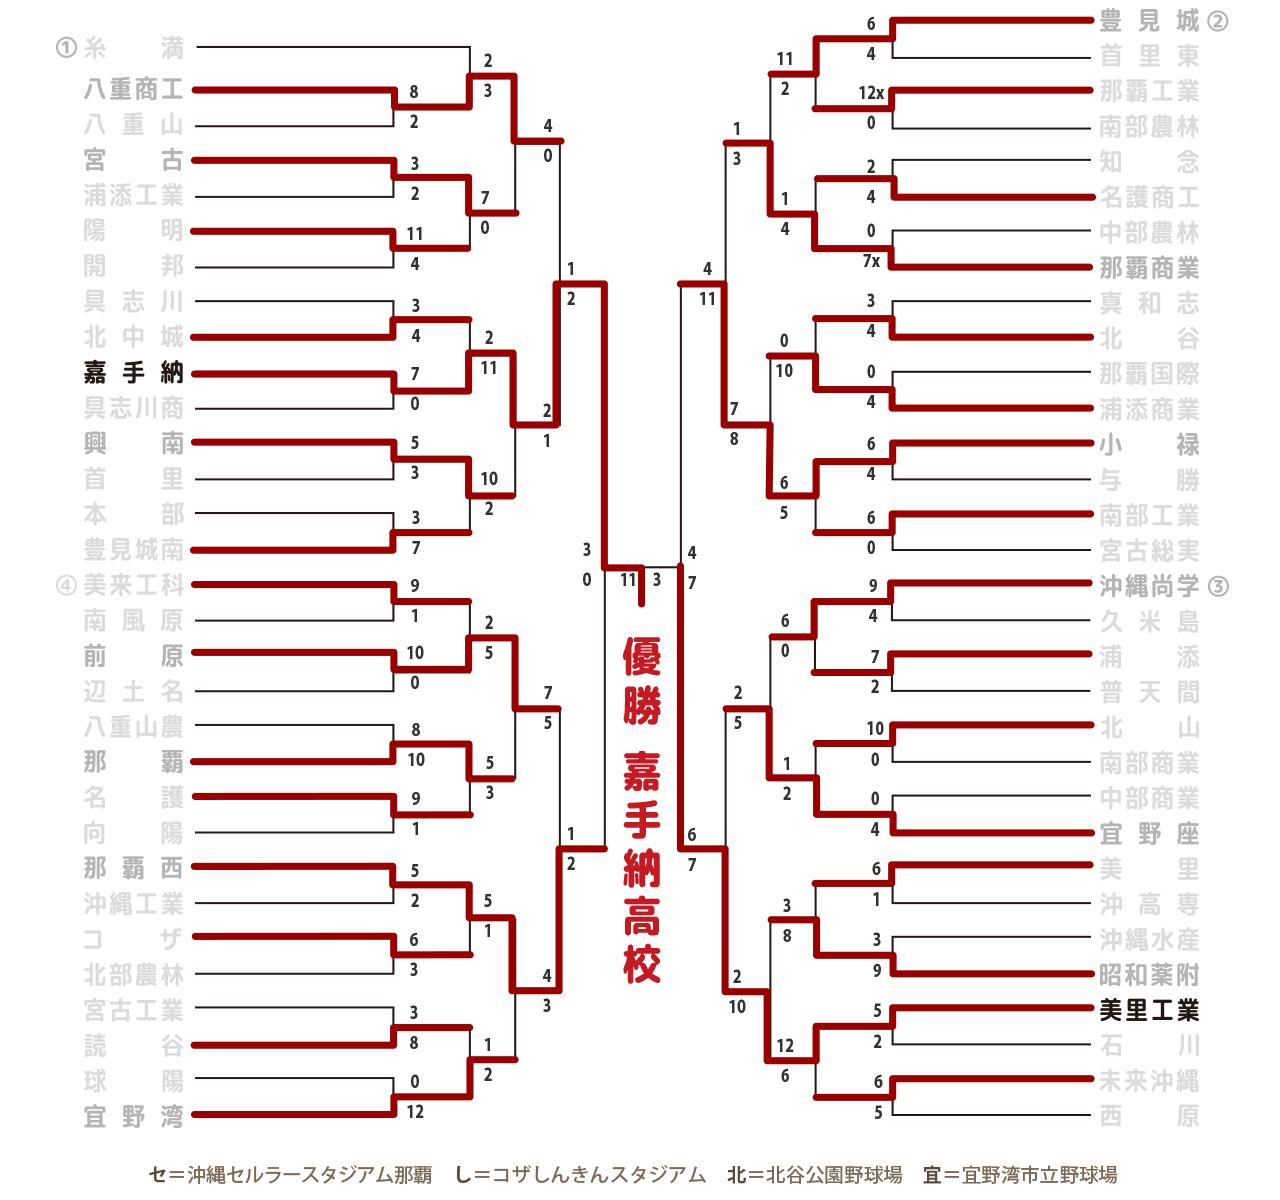 トーナメント表2016